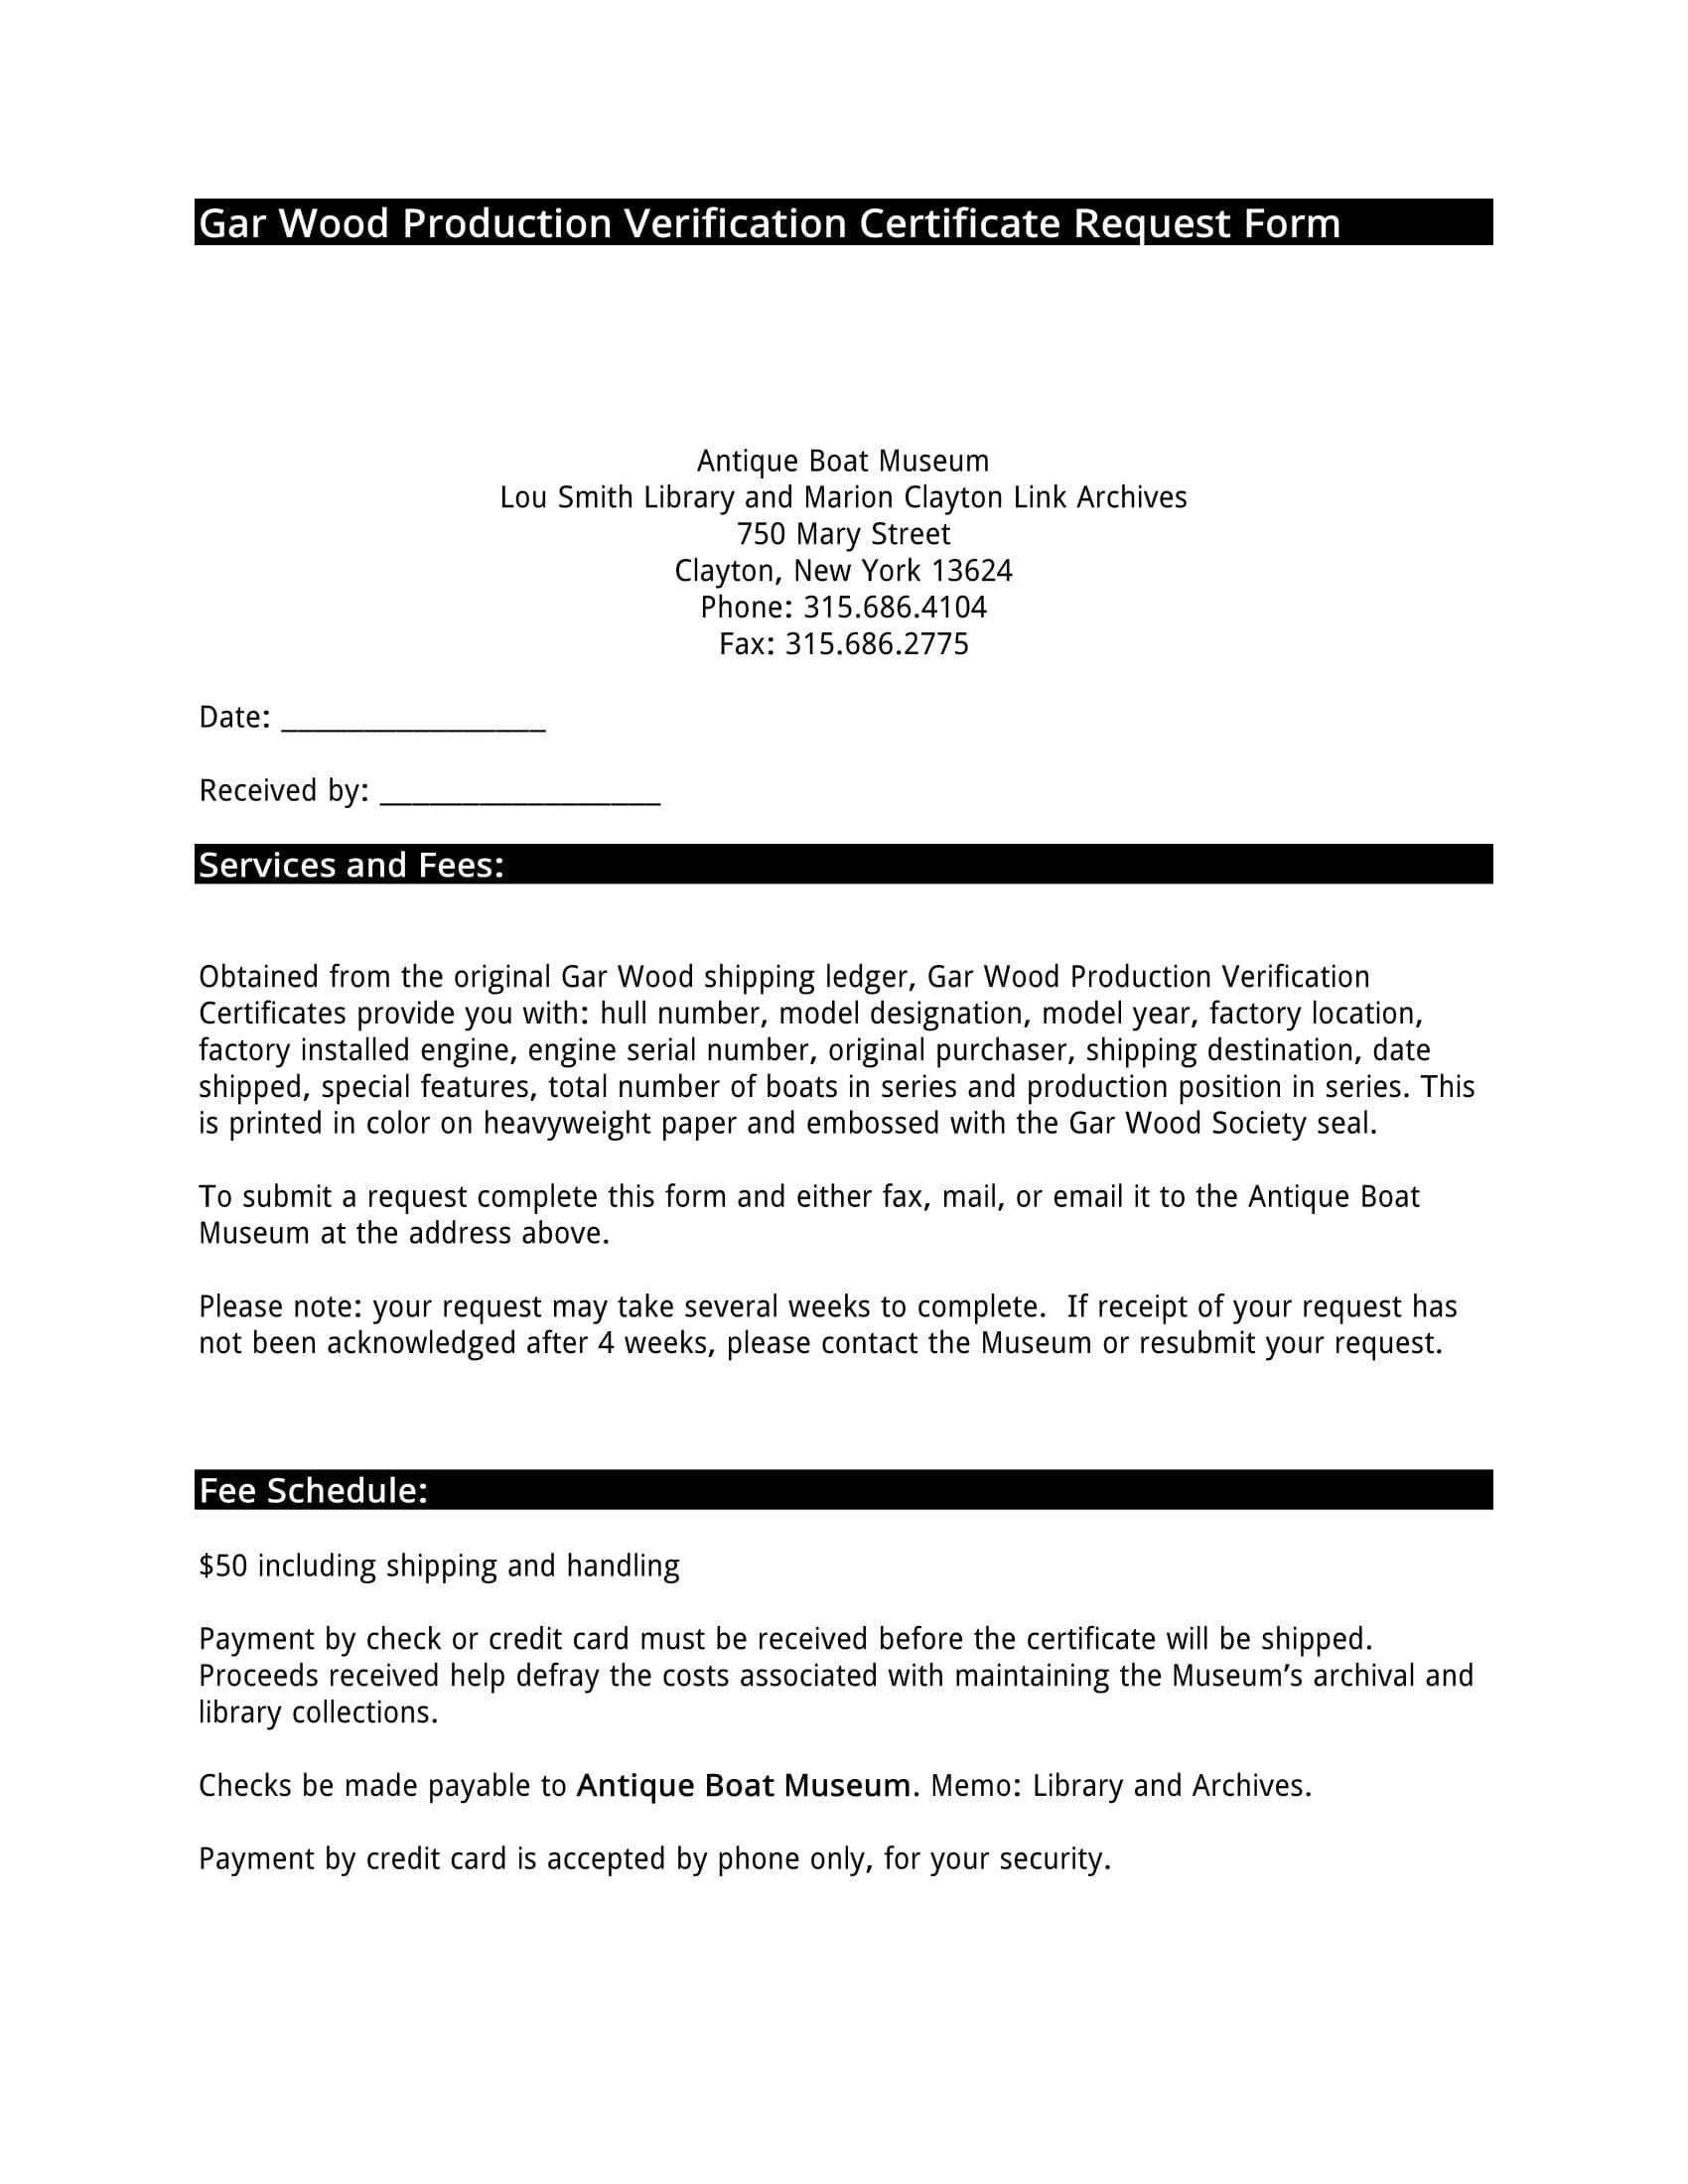 production verification certificate request form 1